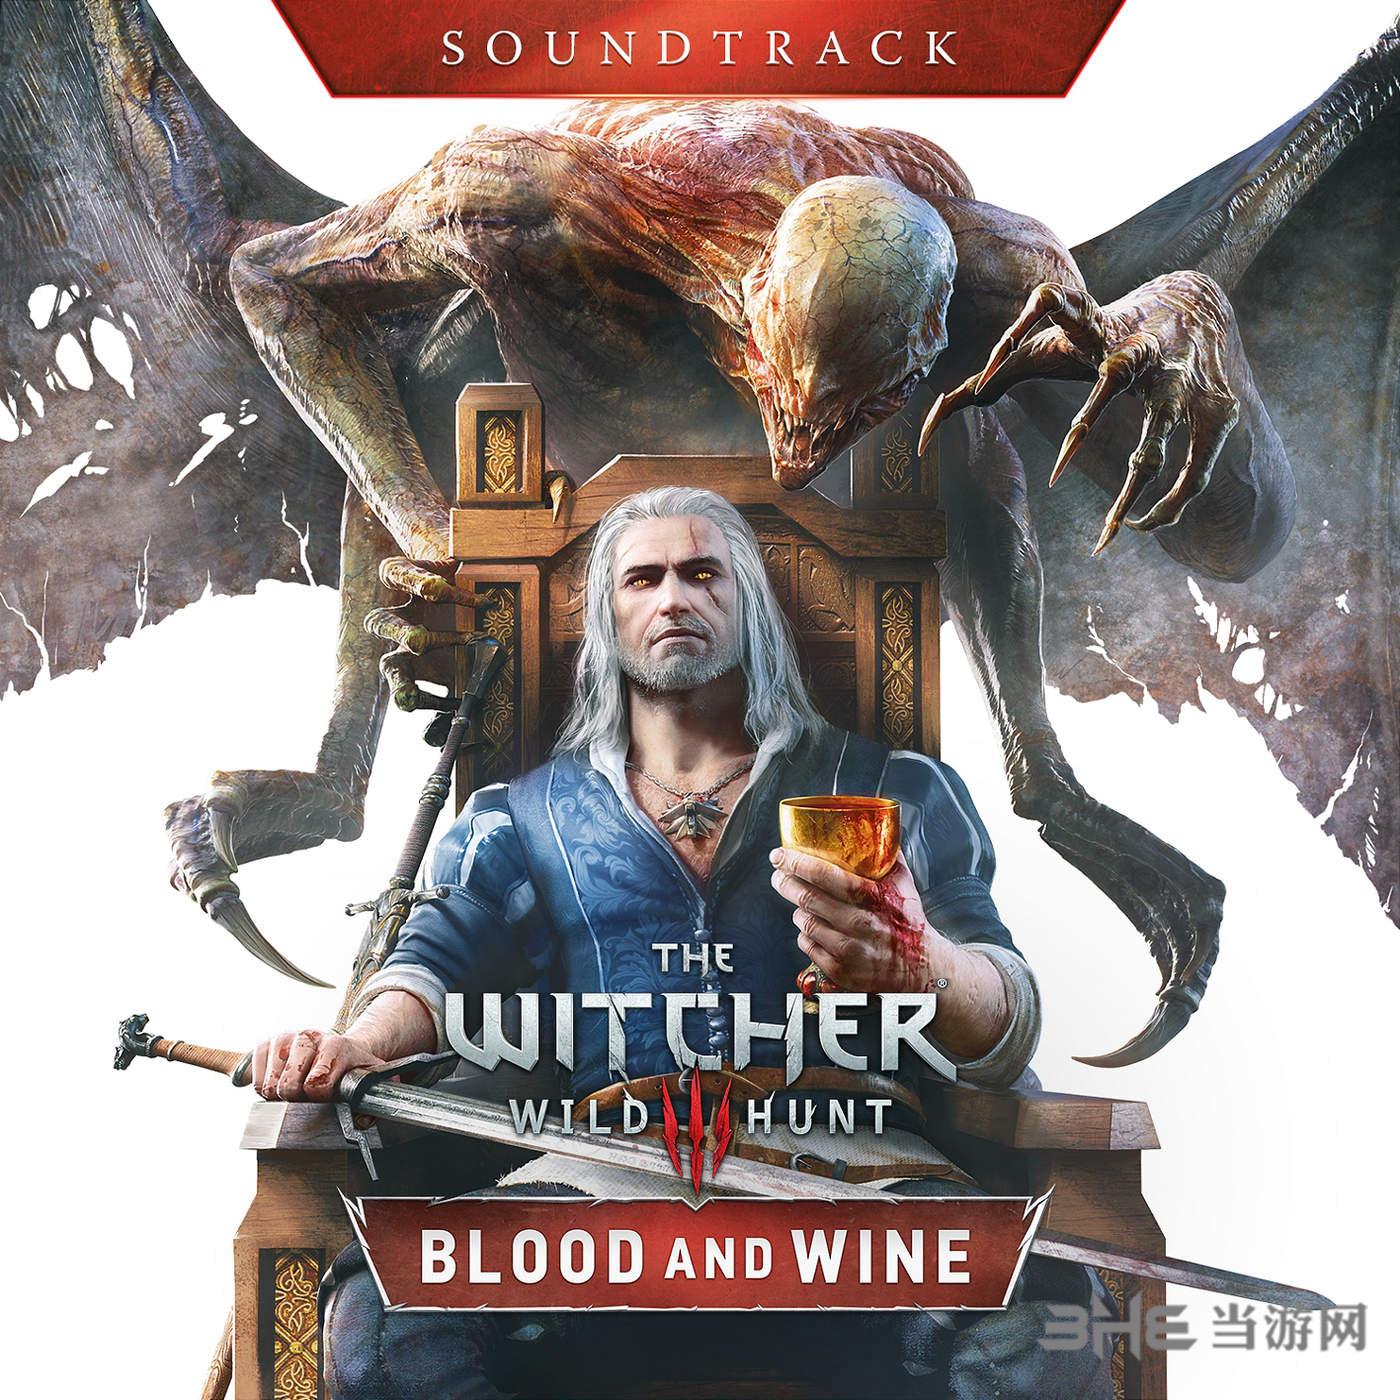 巫师3:狂猎血与酒原声音乐OST截图0